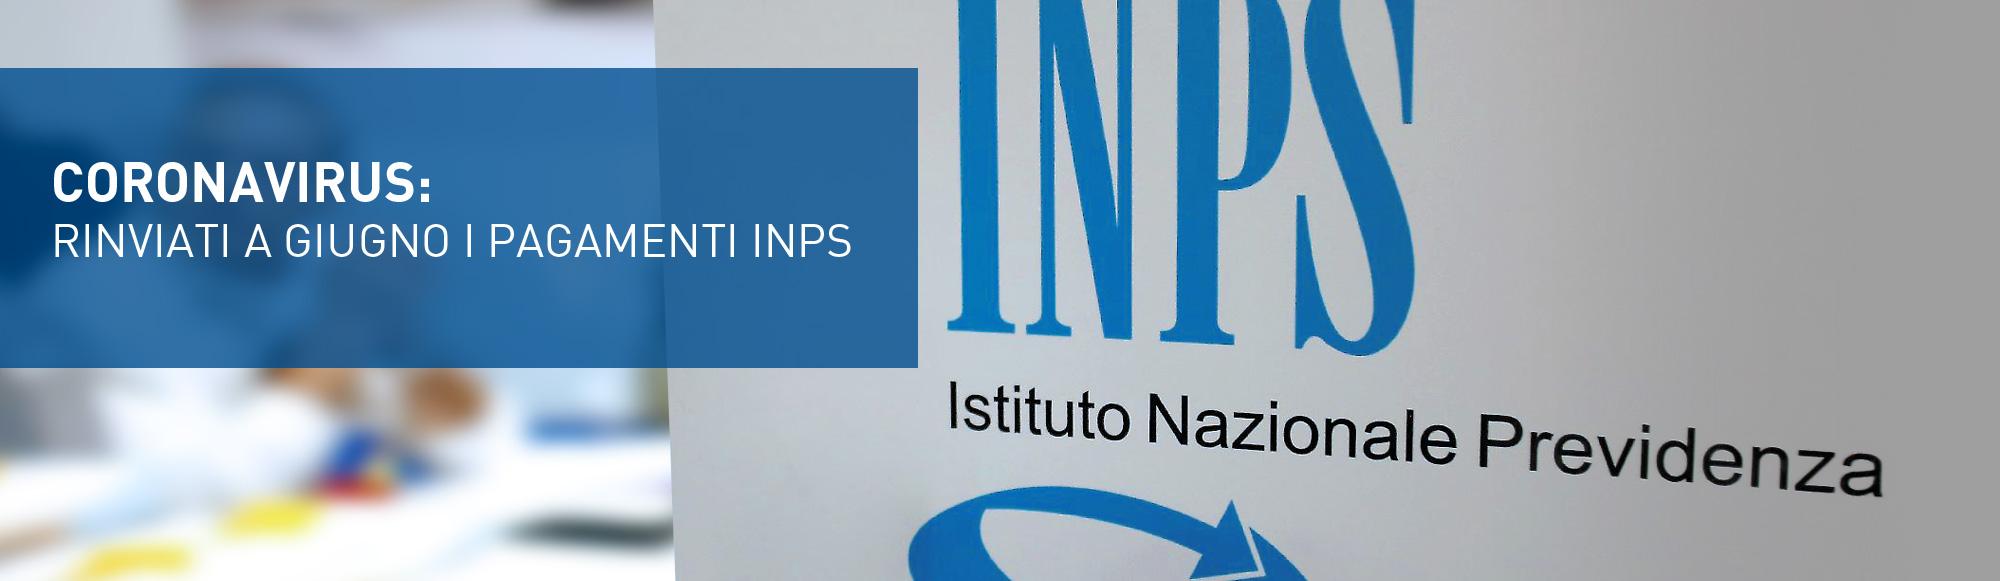 Rinvio pagamento contributi Inps